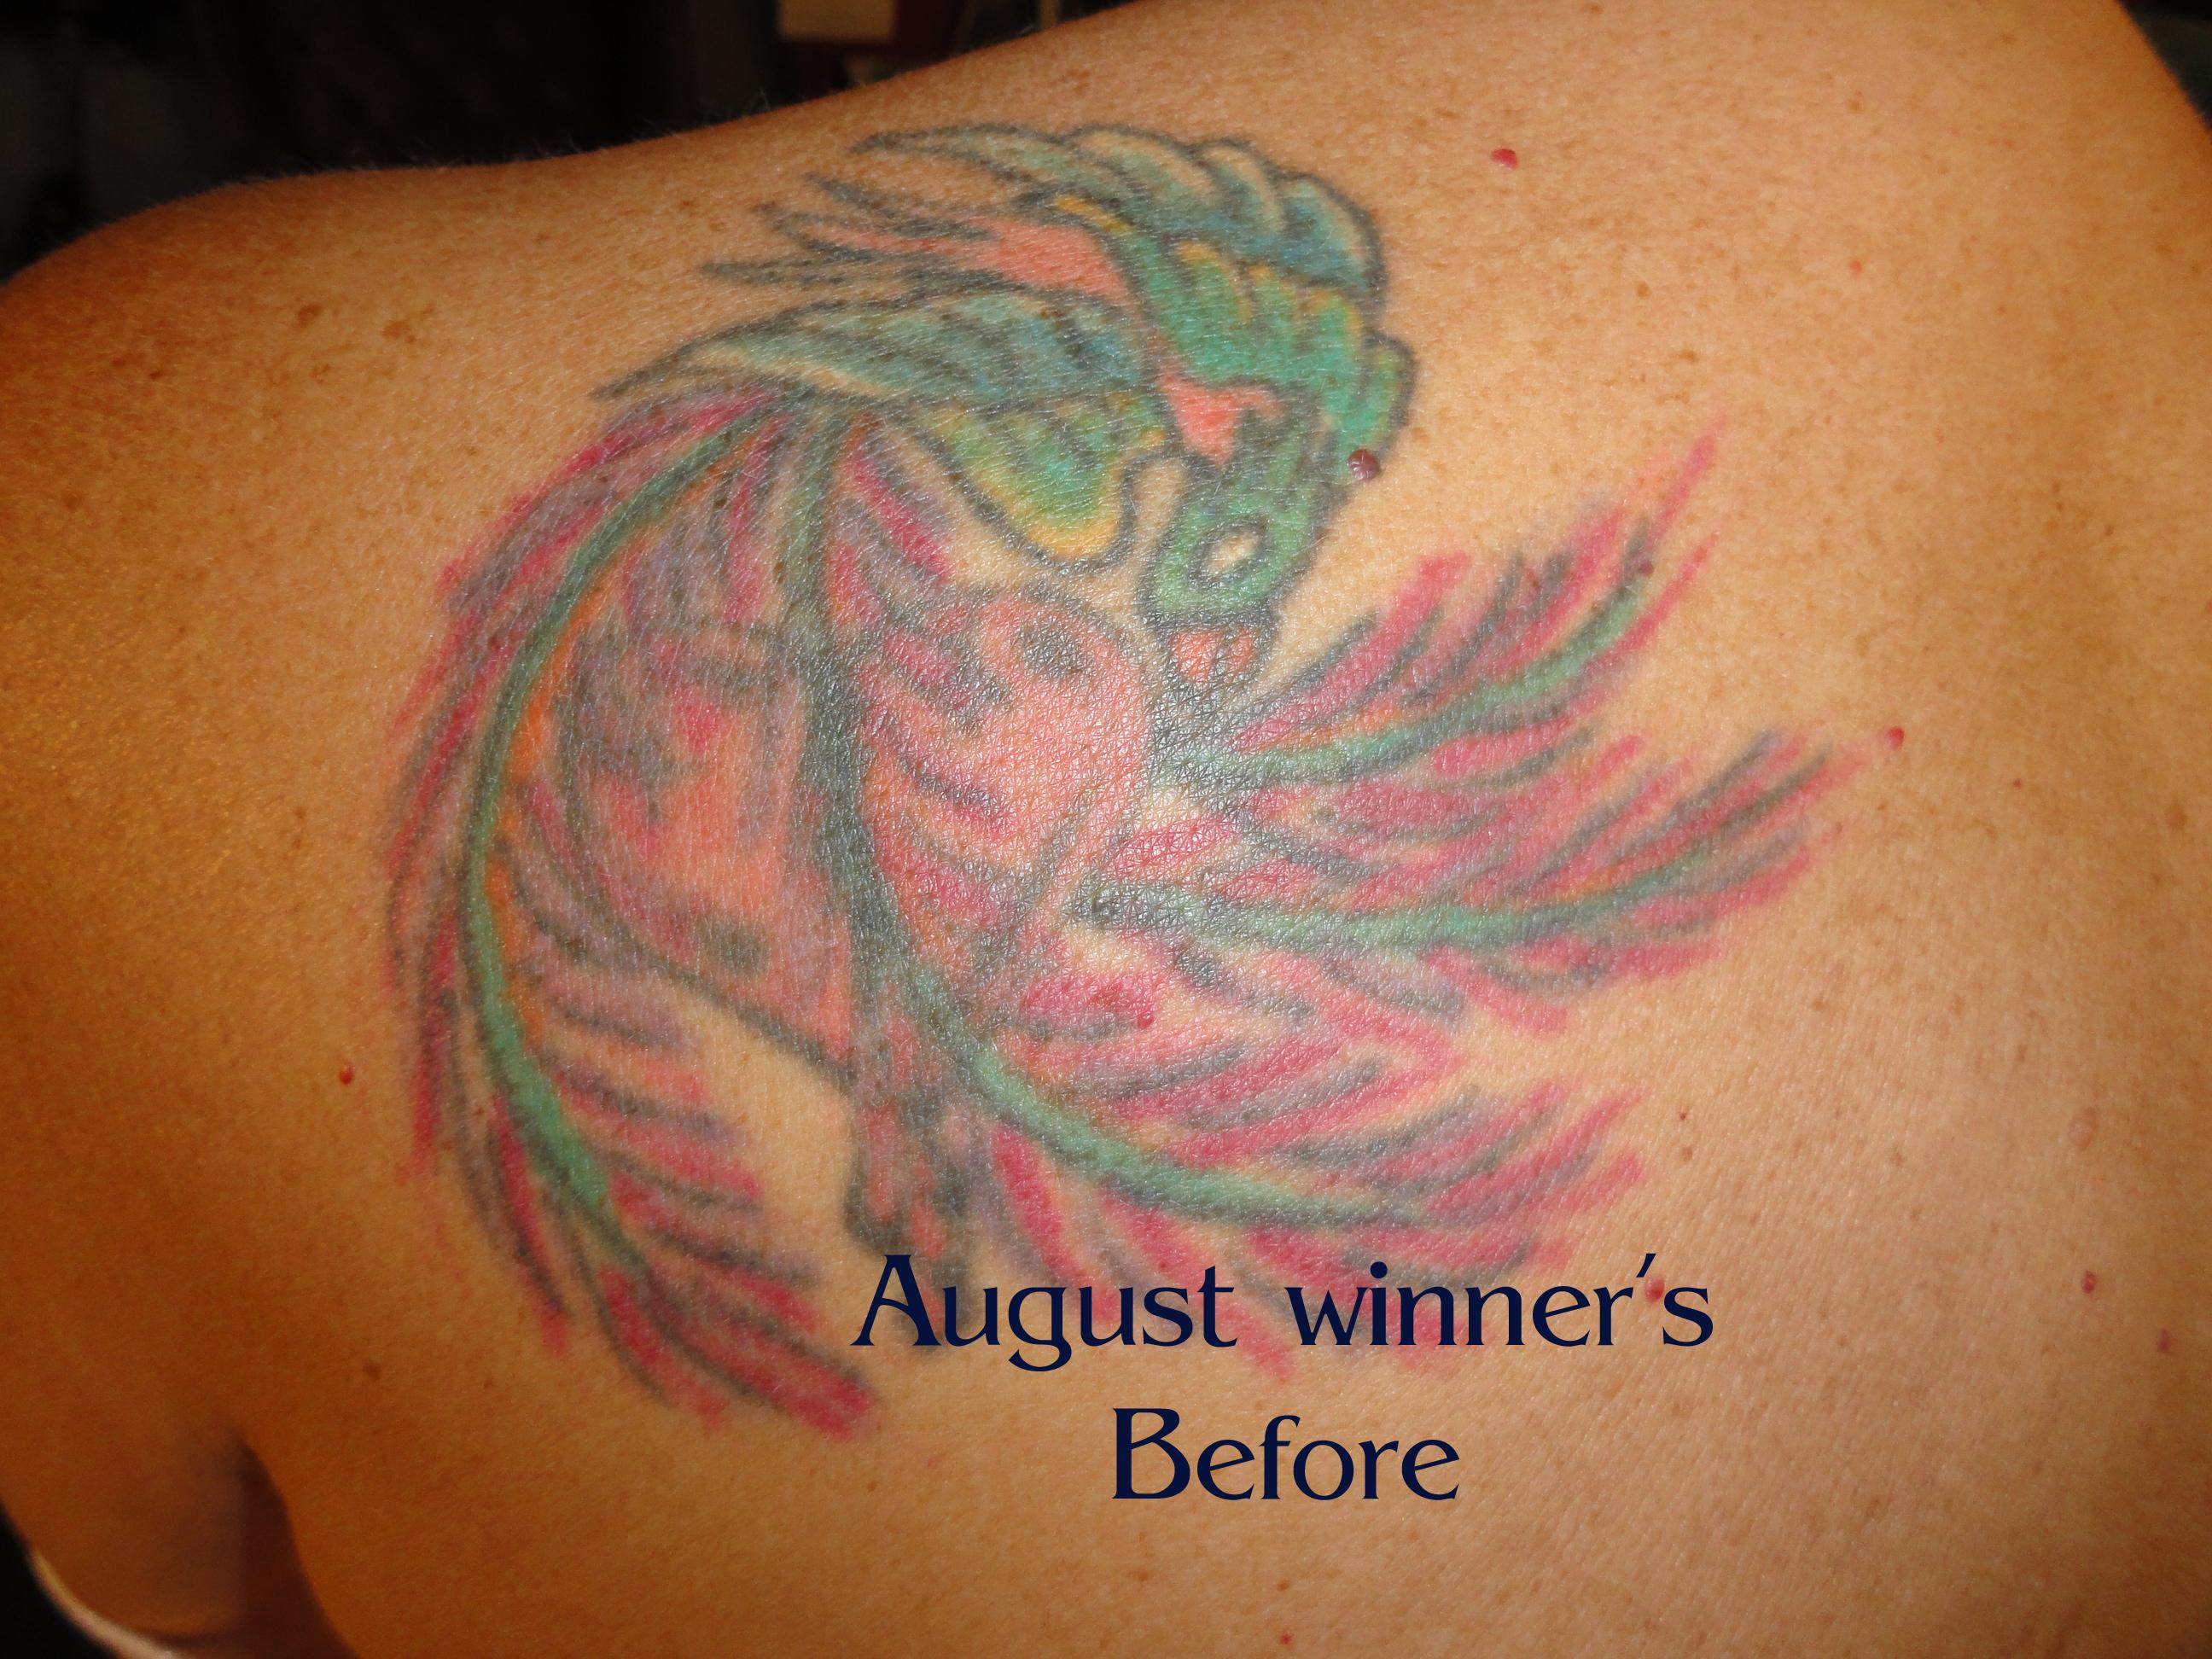 August winner's before